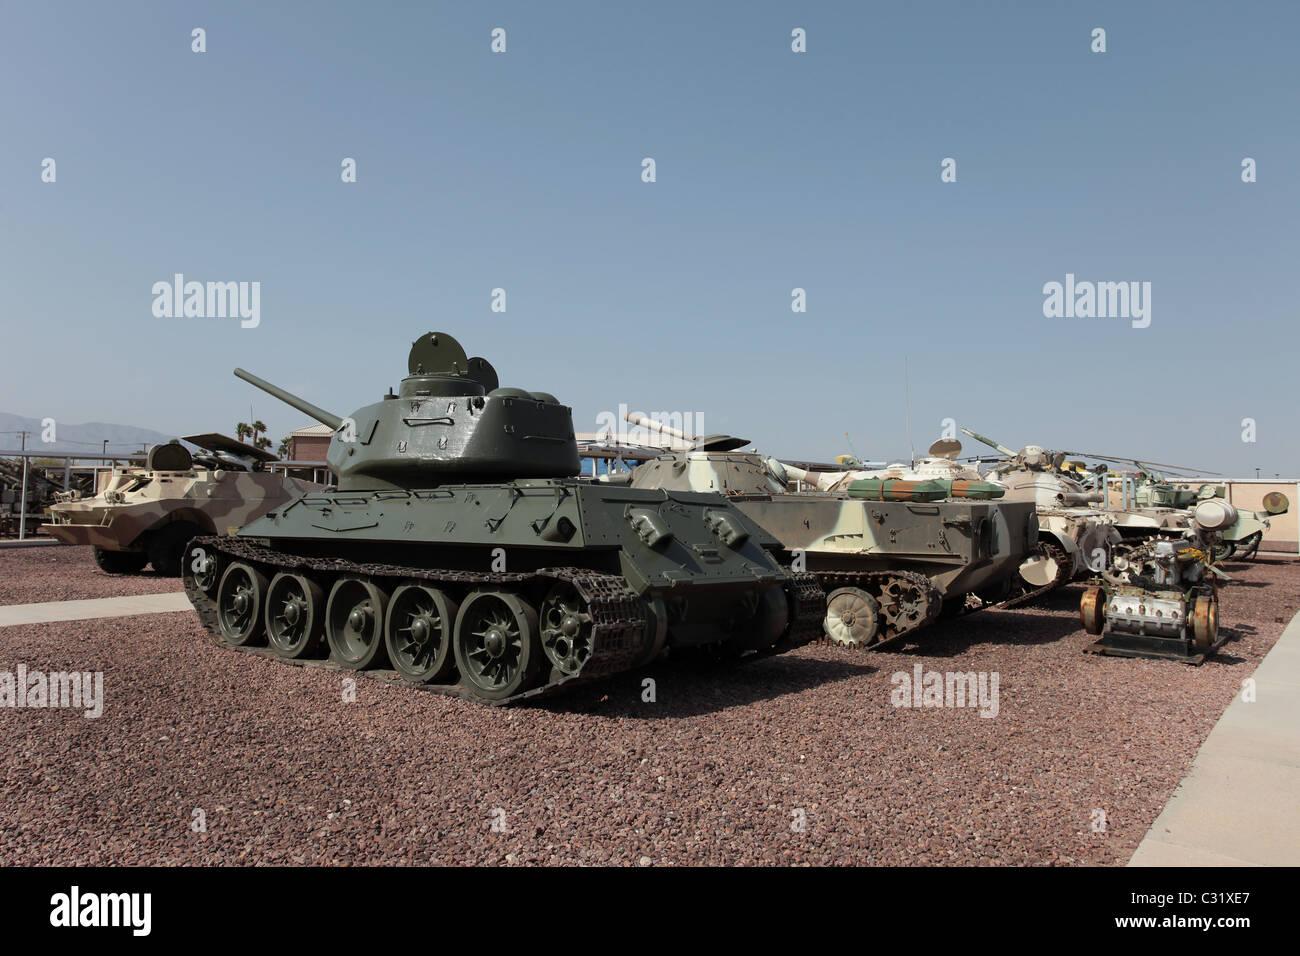 Les chars soviétiques et les systèmes d'armes. Système d'armes utilisées pour abattre, tuer, détruire l'ennemi et protéger les forces ennemies. Banque D'Images